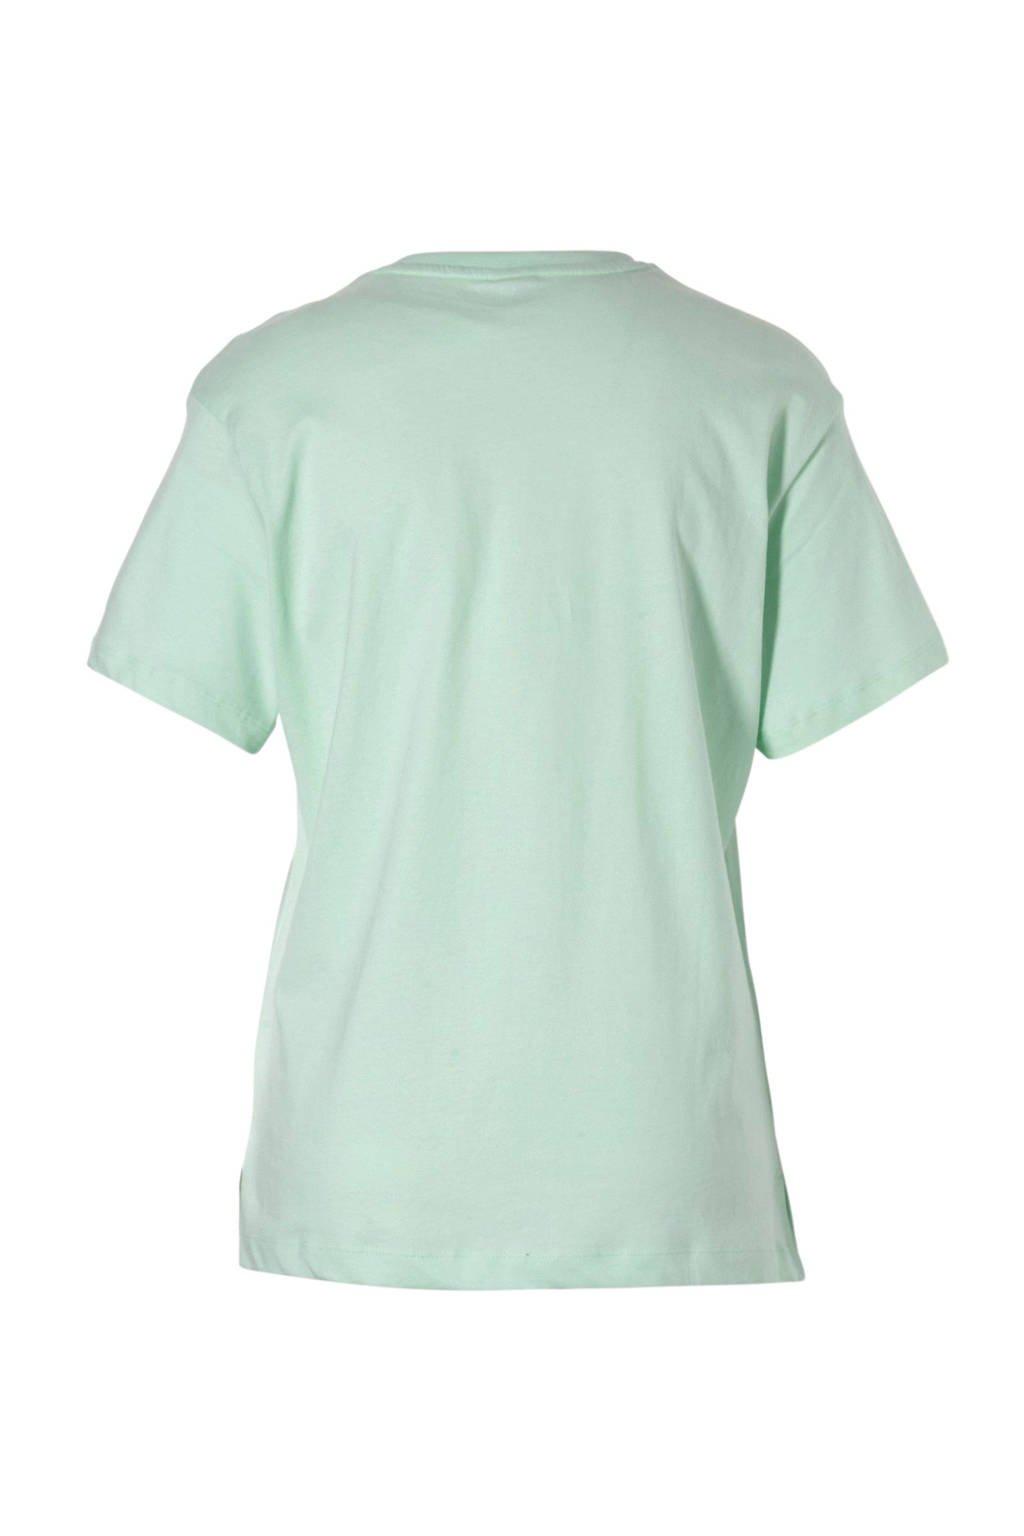 shirt Groen shirt Pumat shirt Pumat Groen shirt Pumat Pumat Groen H7z5zq